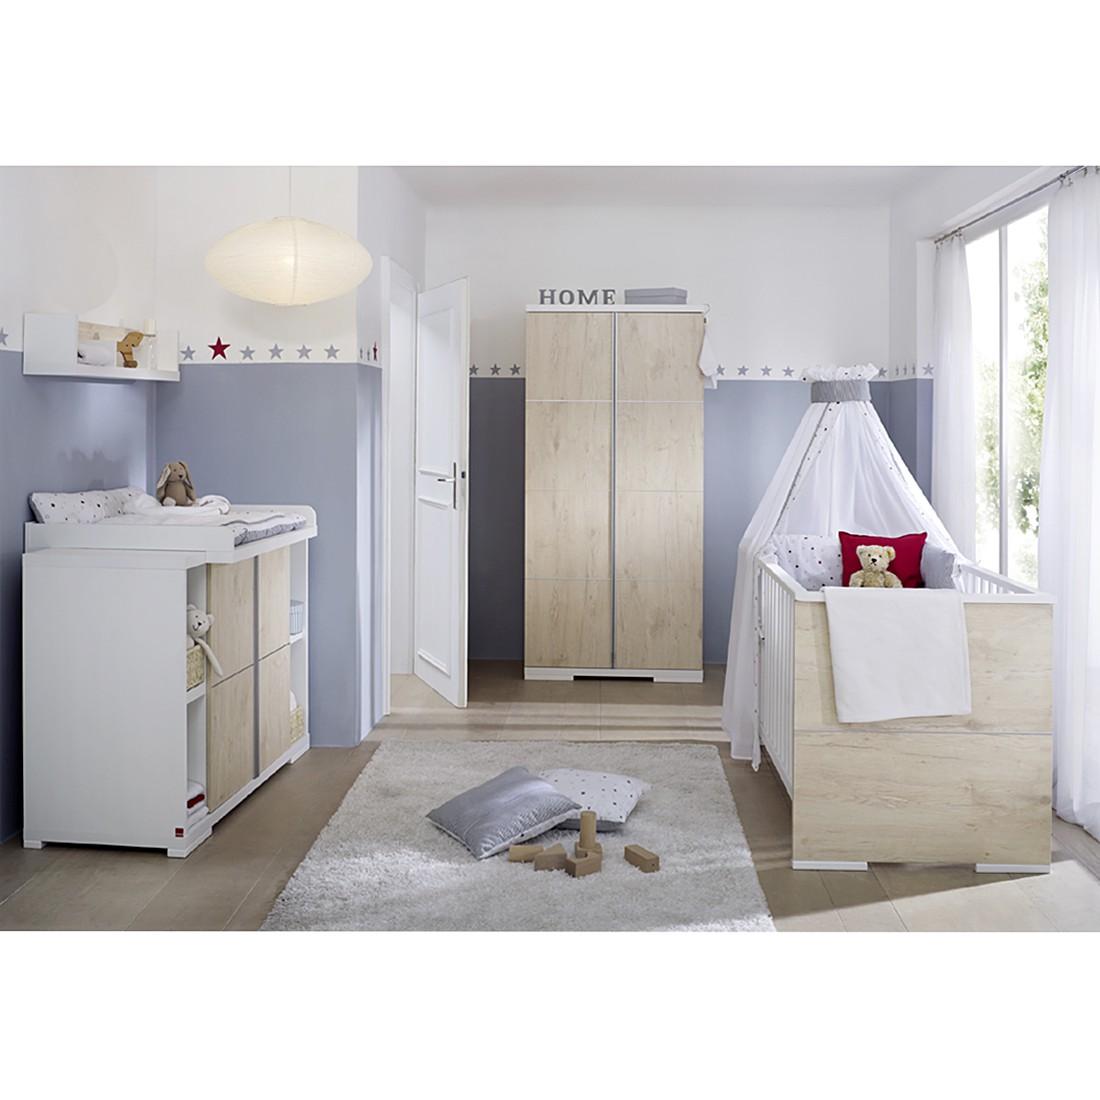 Babyzimmer Maximo (3-tlg.) - Lancelot Oak Dekor / Weiß - mit 2-trg. Schrank & Seitenregal, Schardt